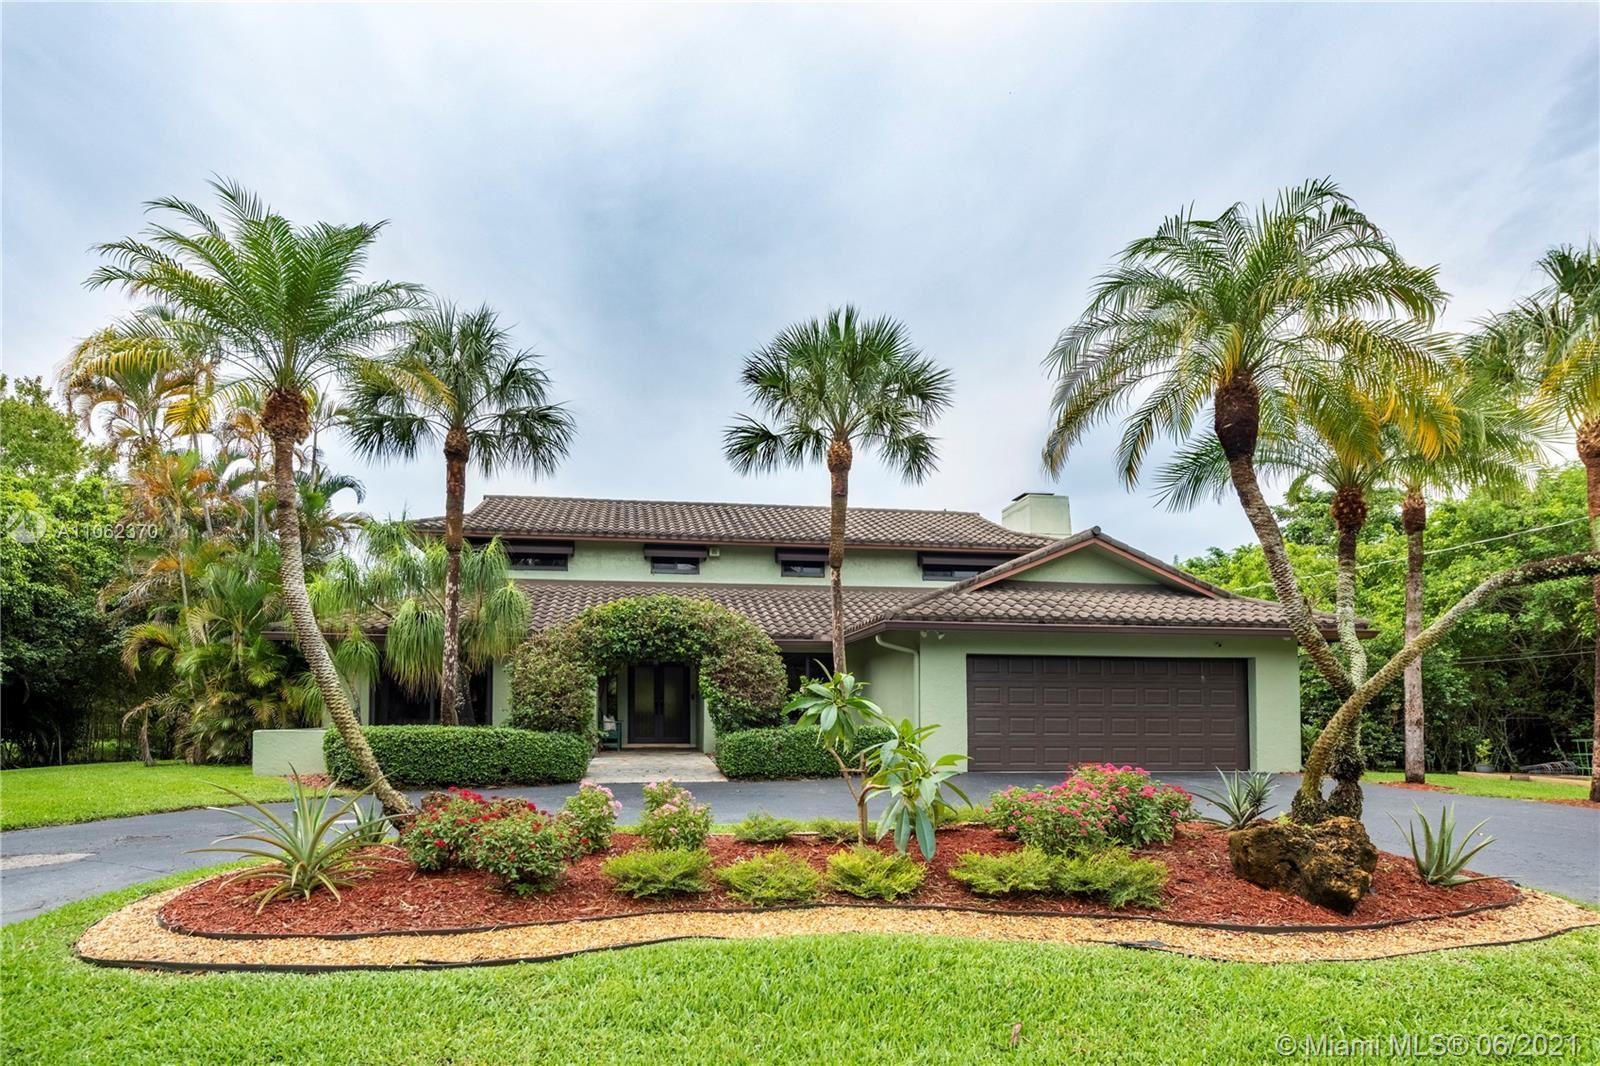 11301 NW 12th St, Plantation, FL 33323 - #: A11062370